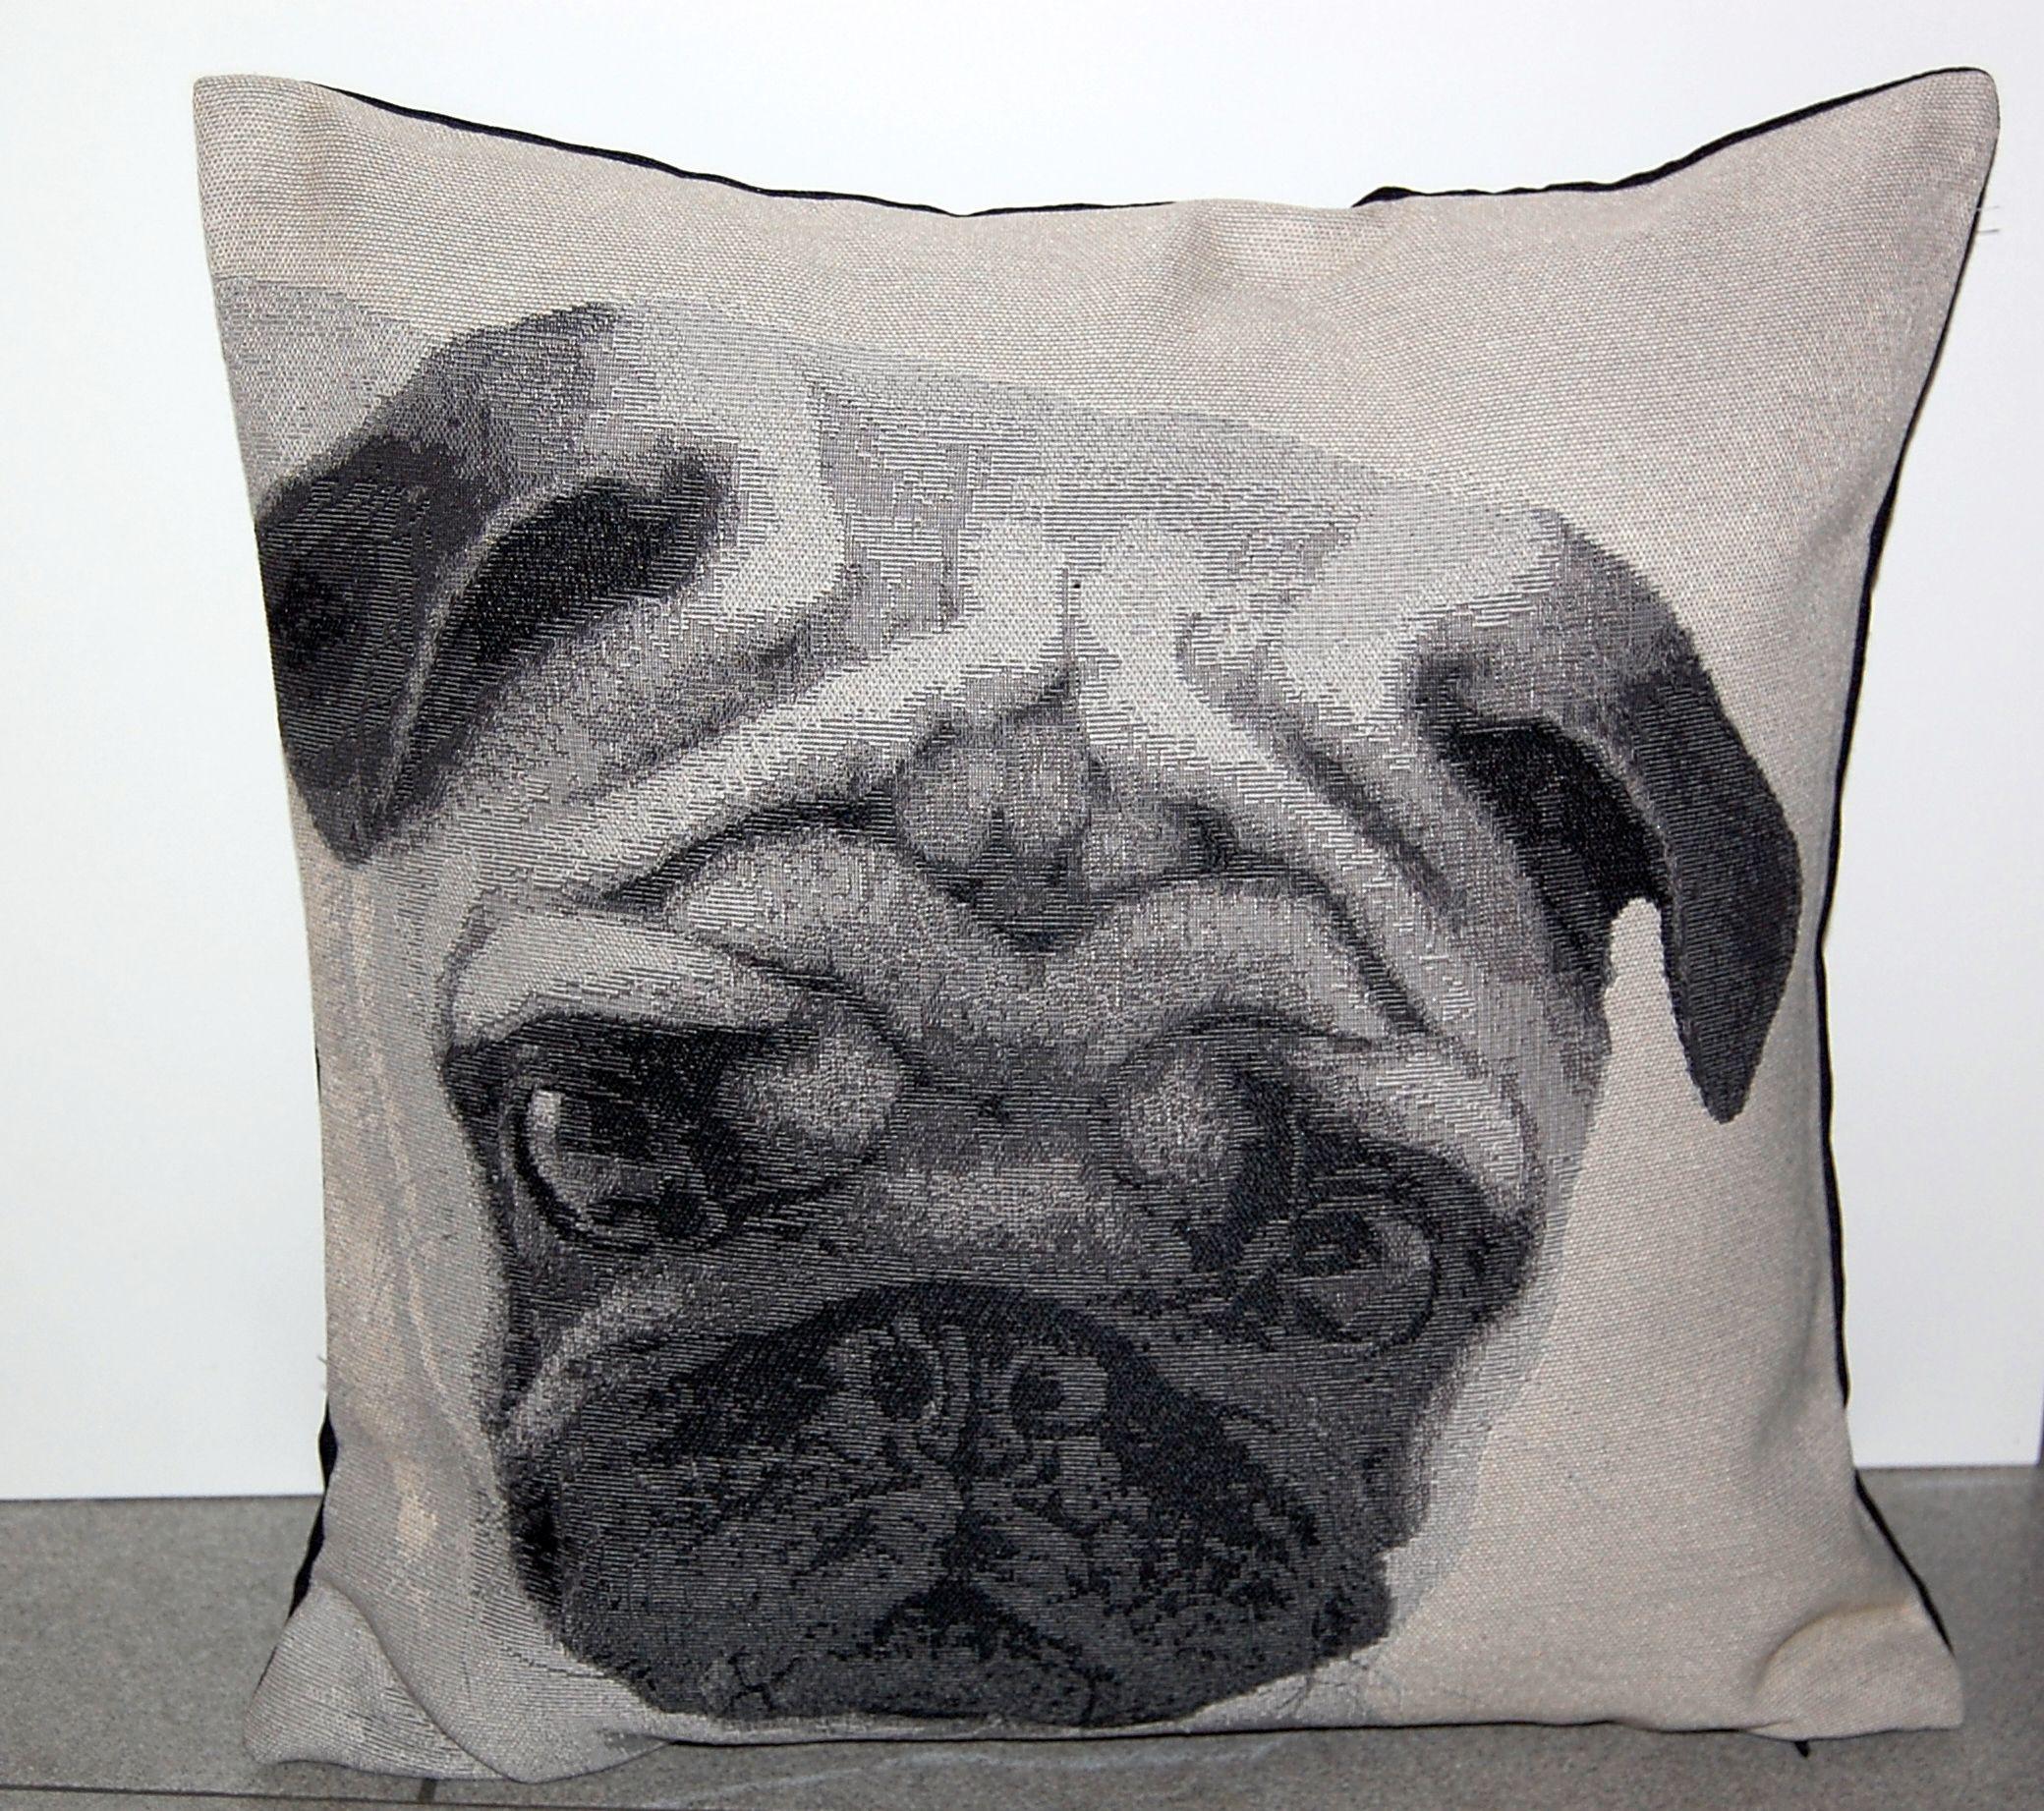 coussin housse 40x40 cm tapis coussins du canap taie d 39 oreiller photo balais cheval taie d. Black Bedroom Furniture Sets. Home Design Ideas